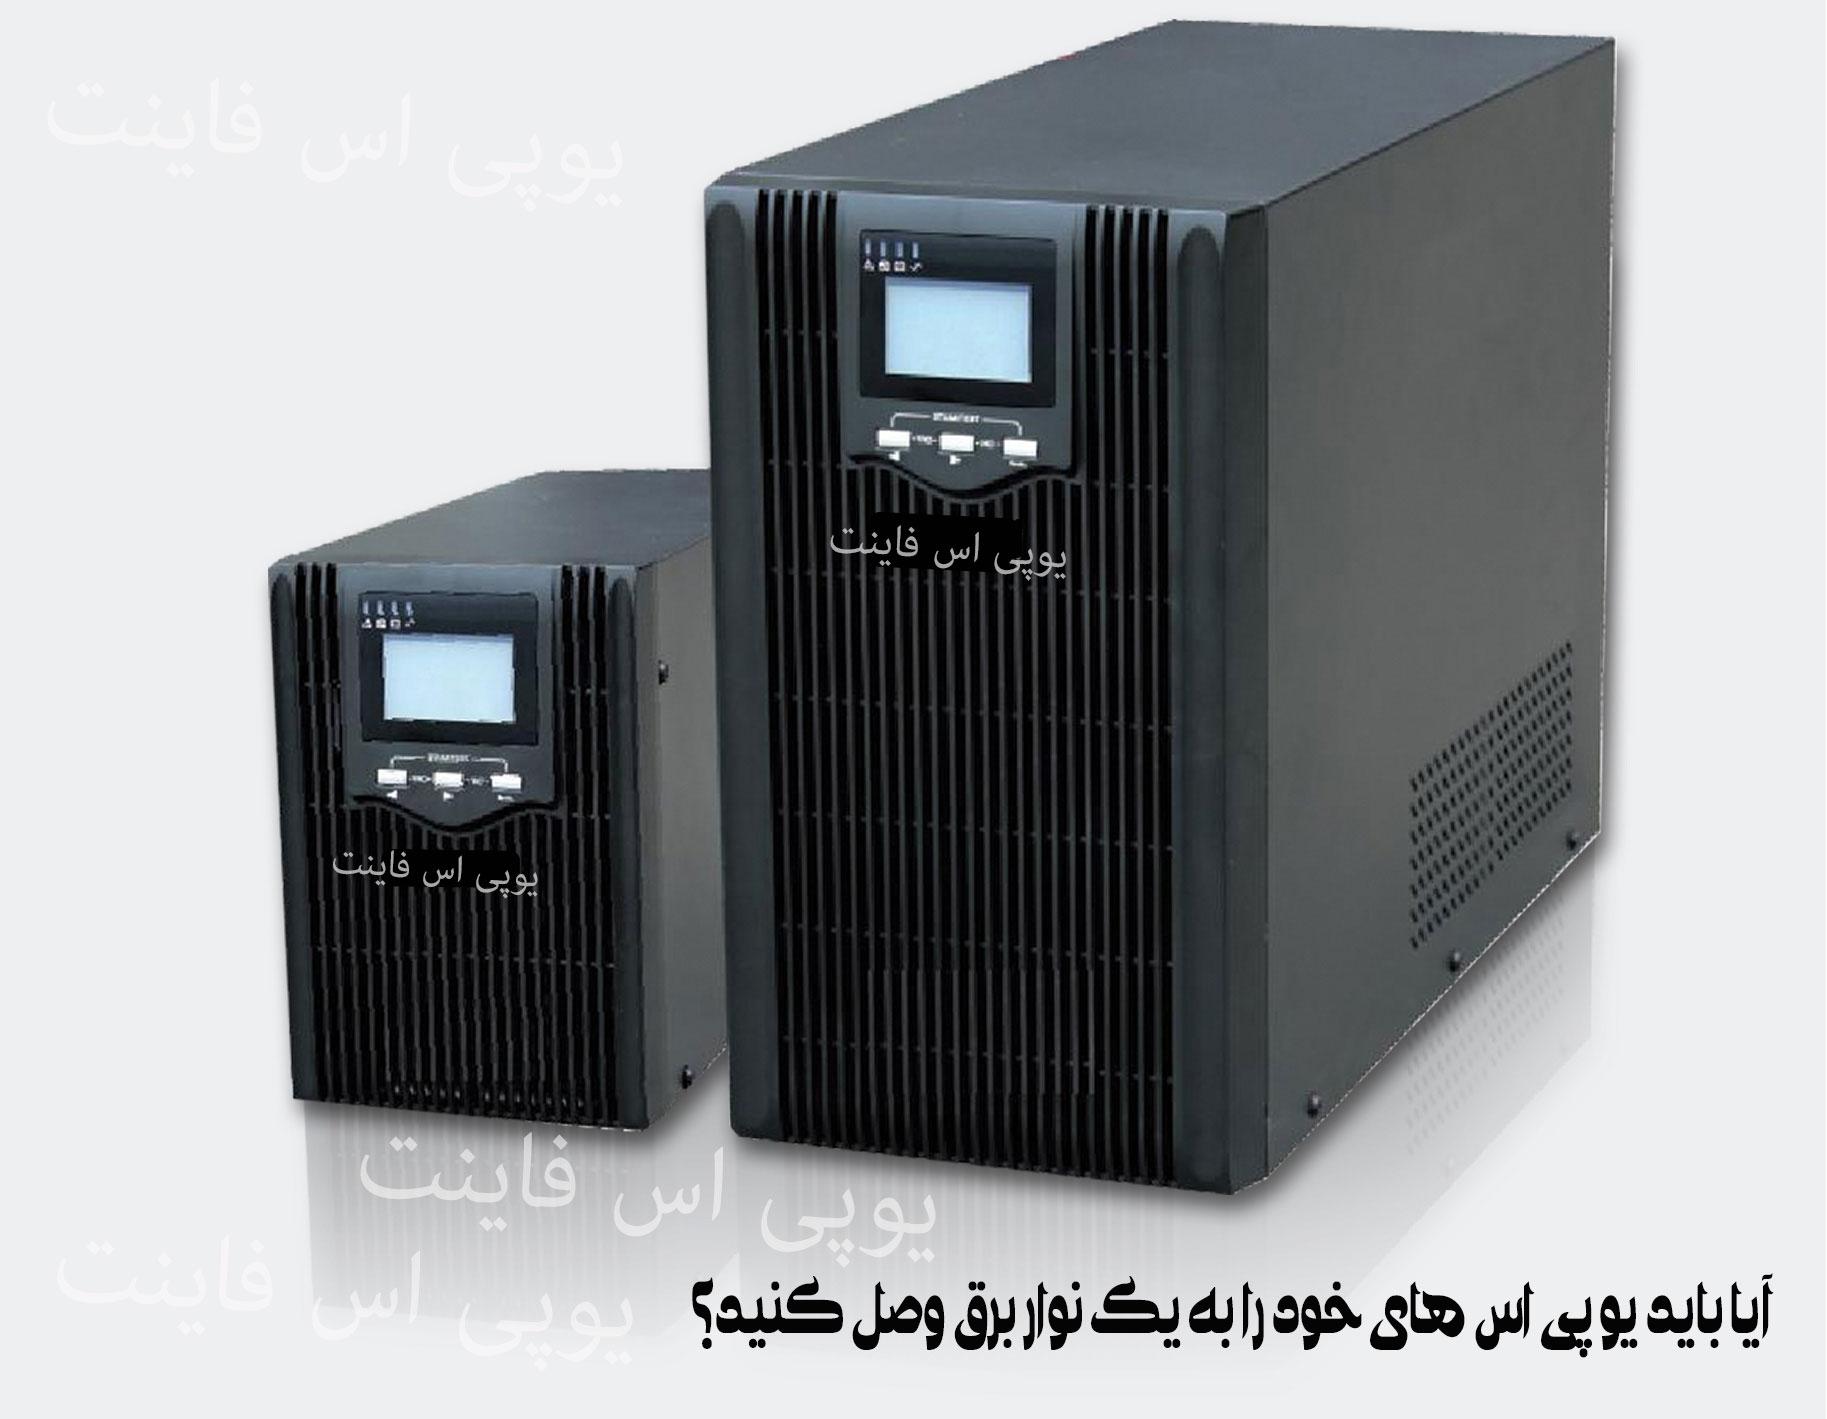 آیا باید یو پی اس های خود را به یک نوار برق وصل کنید؟